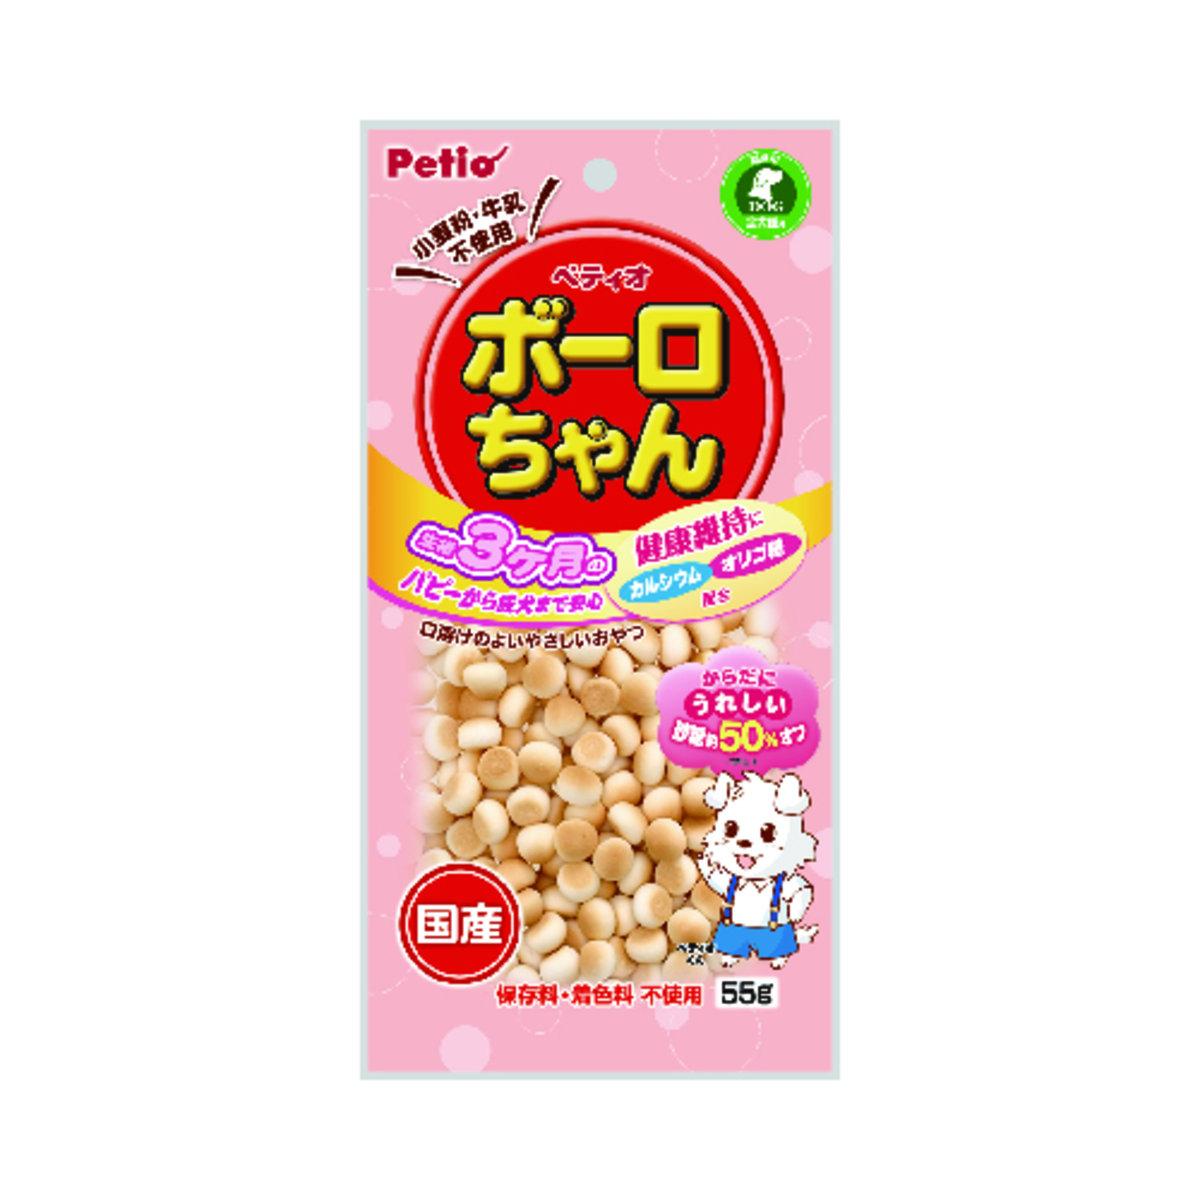 狗小食脆餅(W1141300)